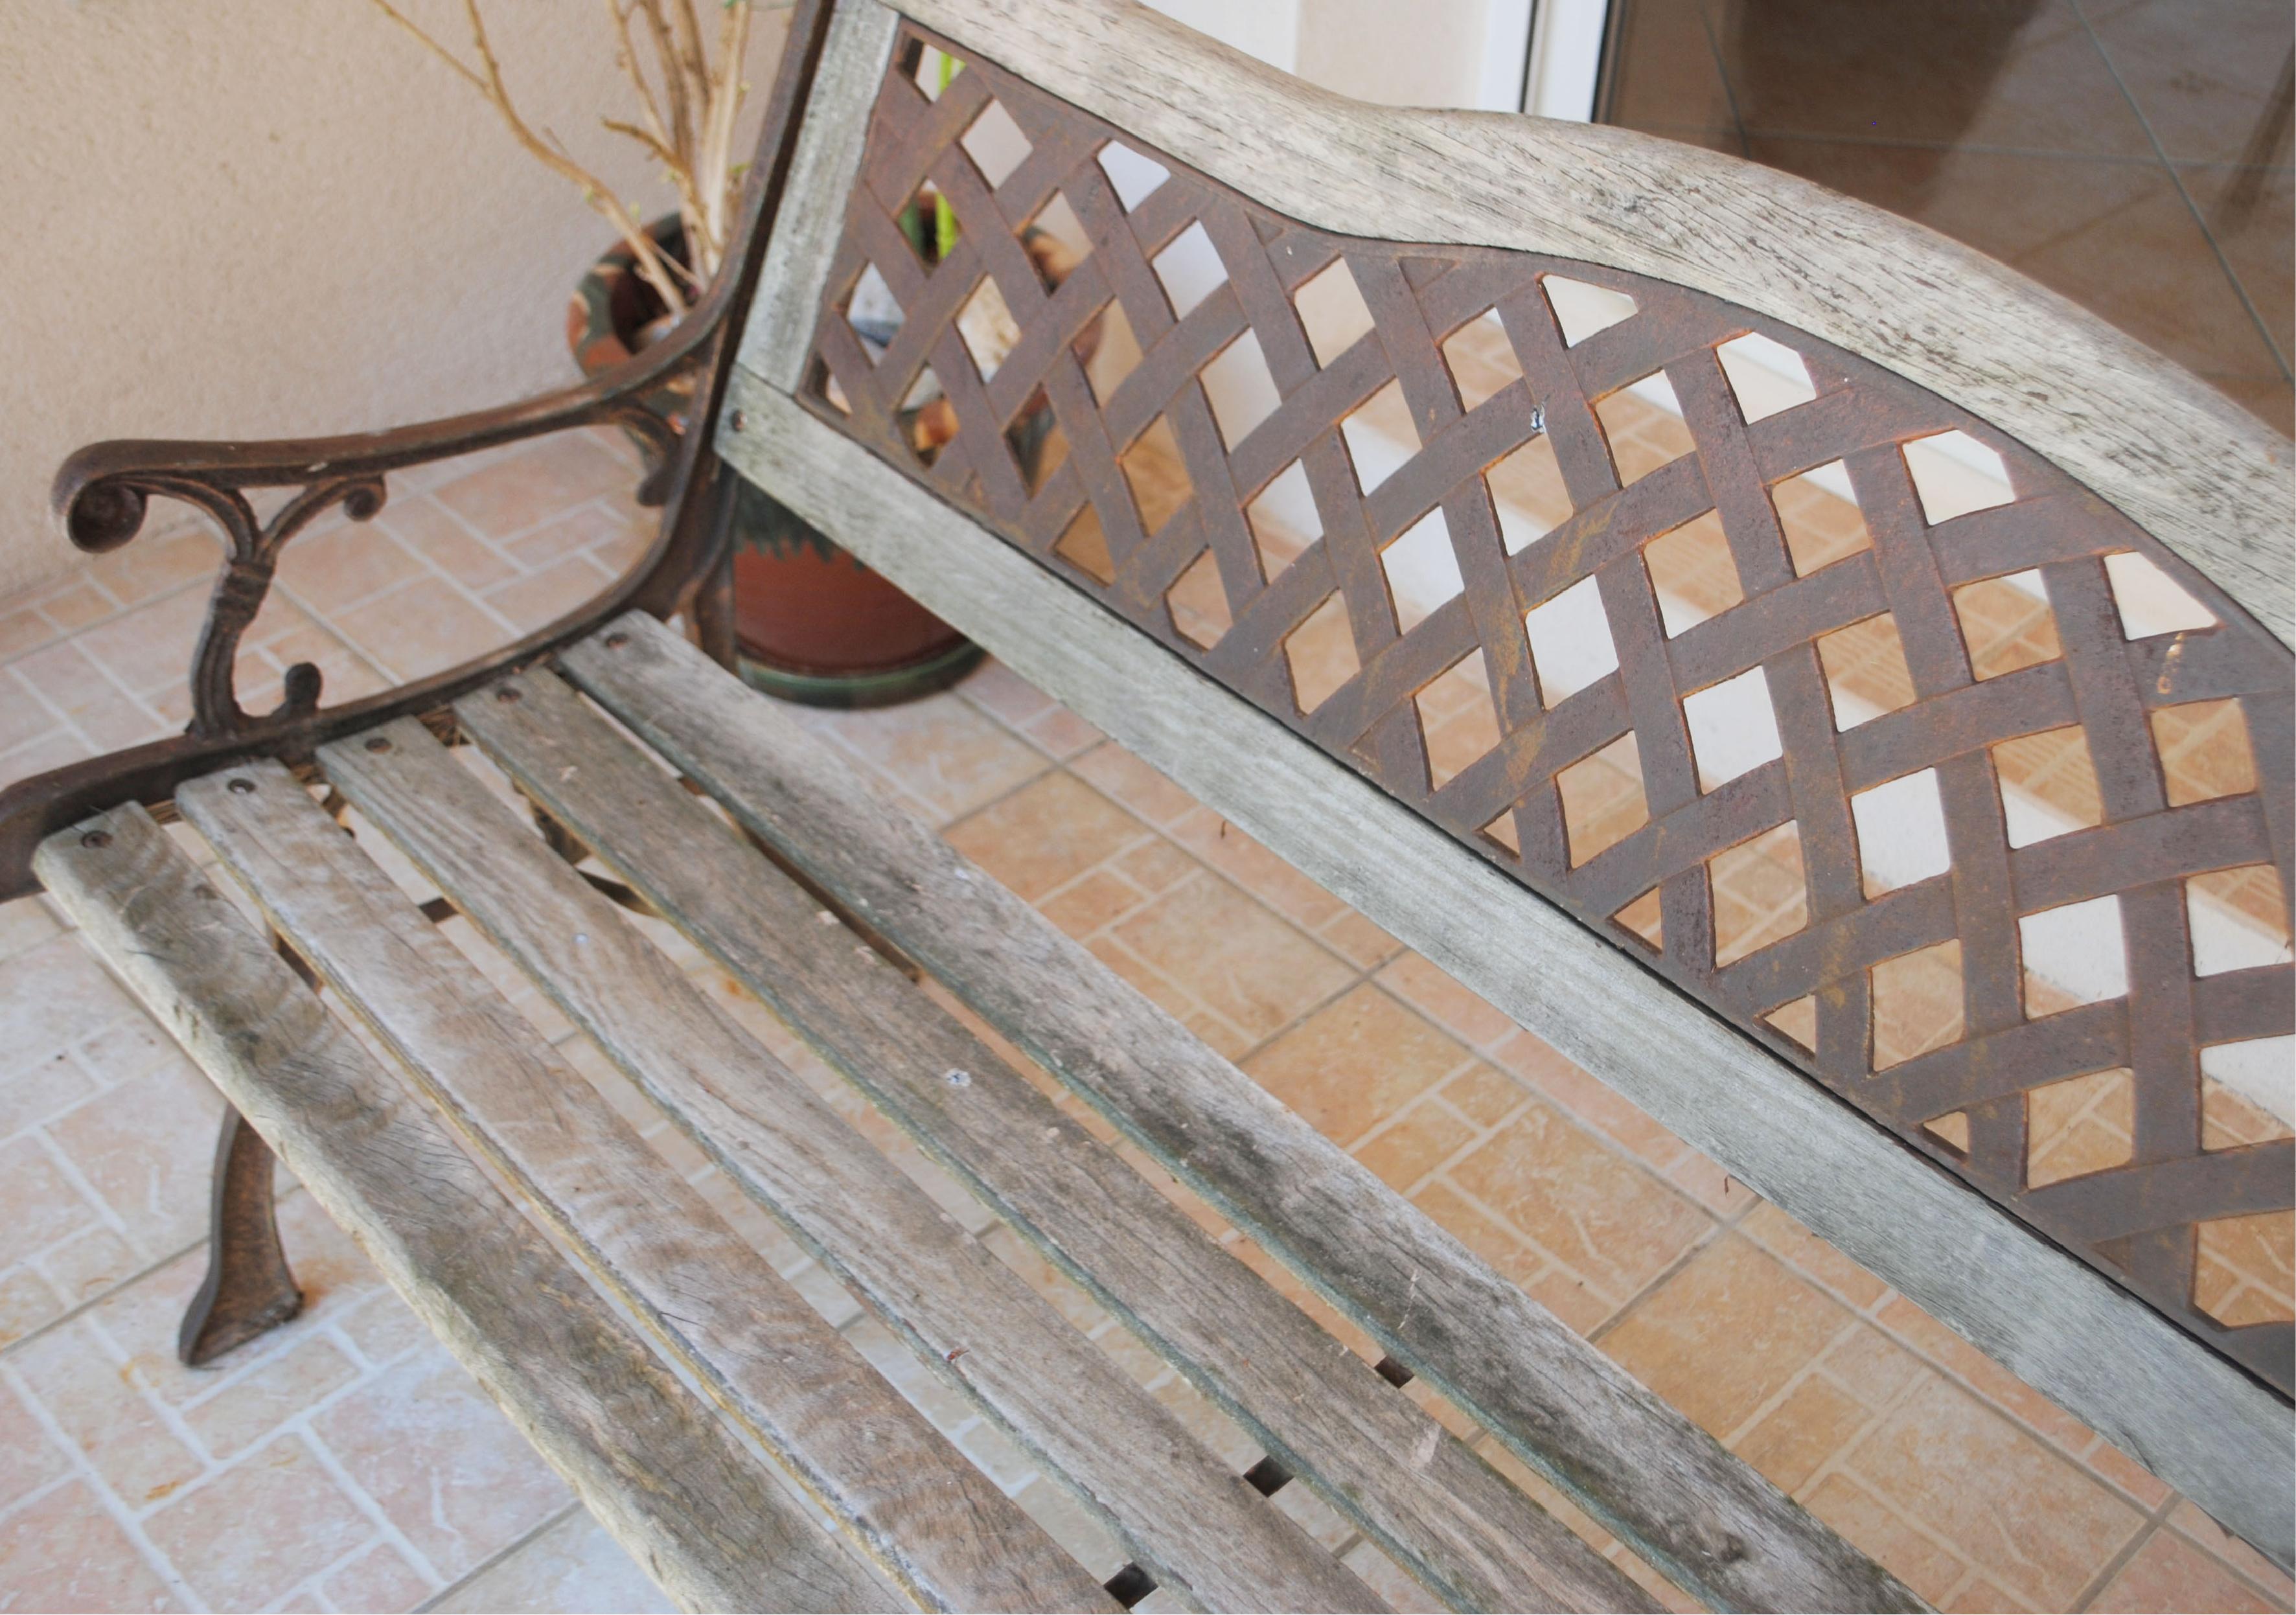 Restauration de mobilier banc tropical avant peinture l'Atelier d'Elisa